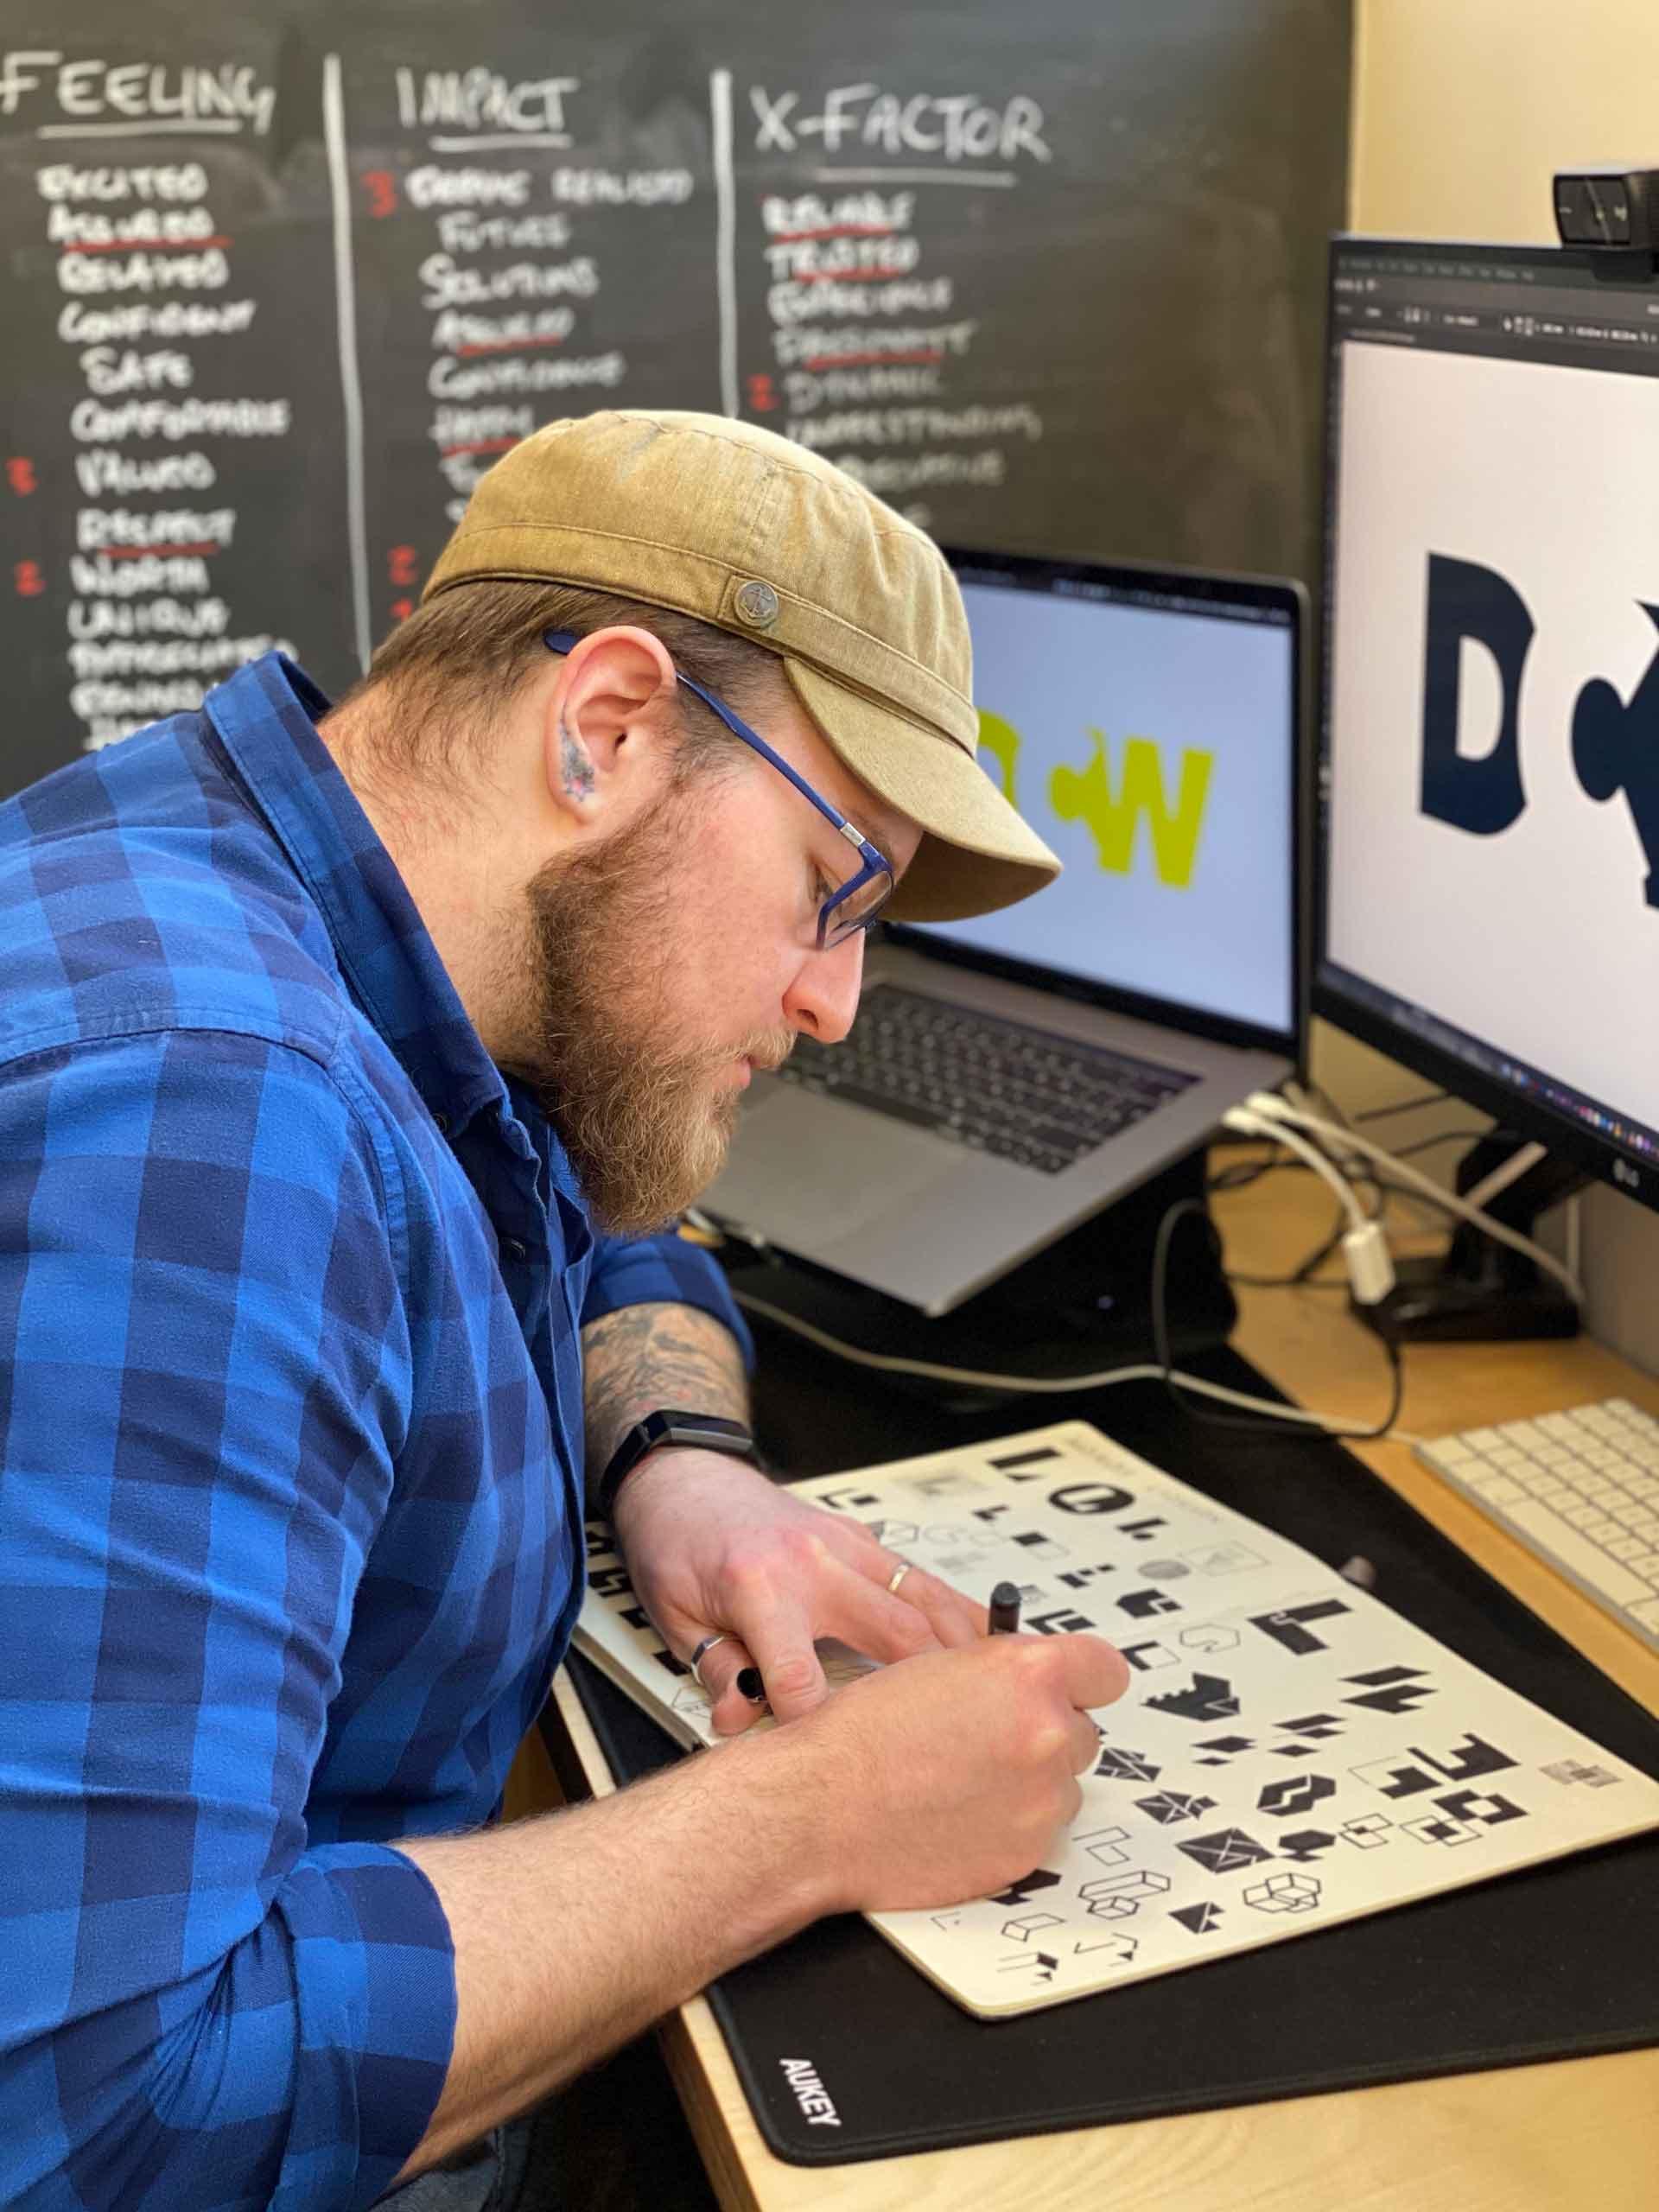 David sketching at his desk